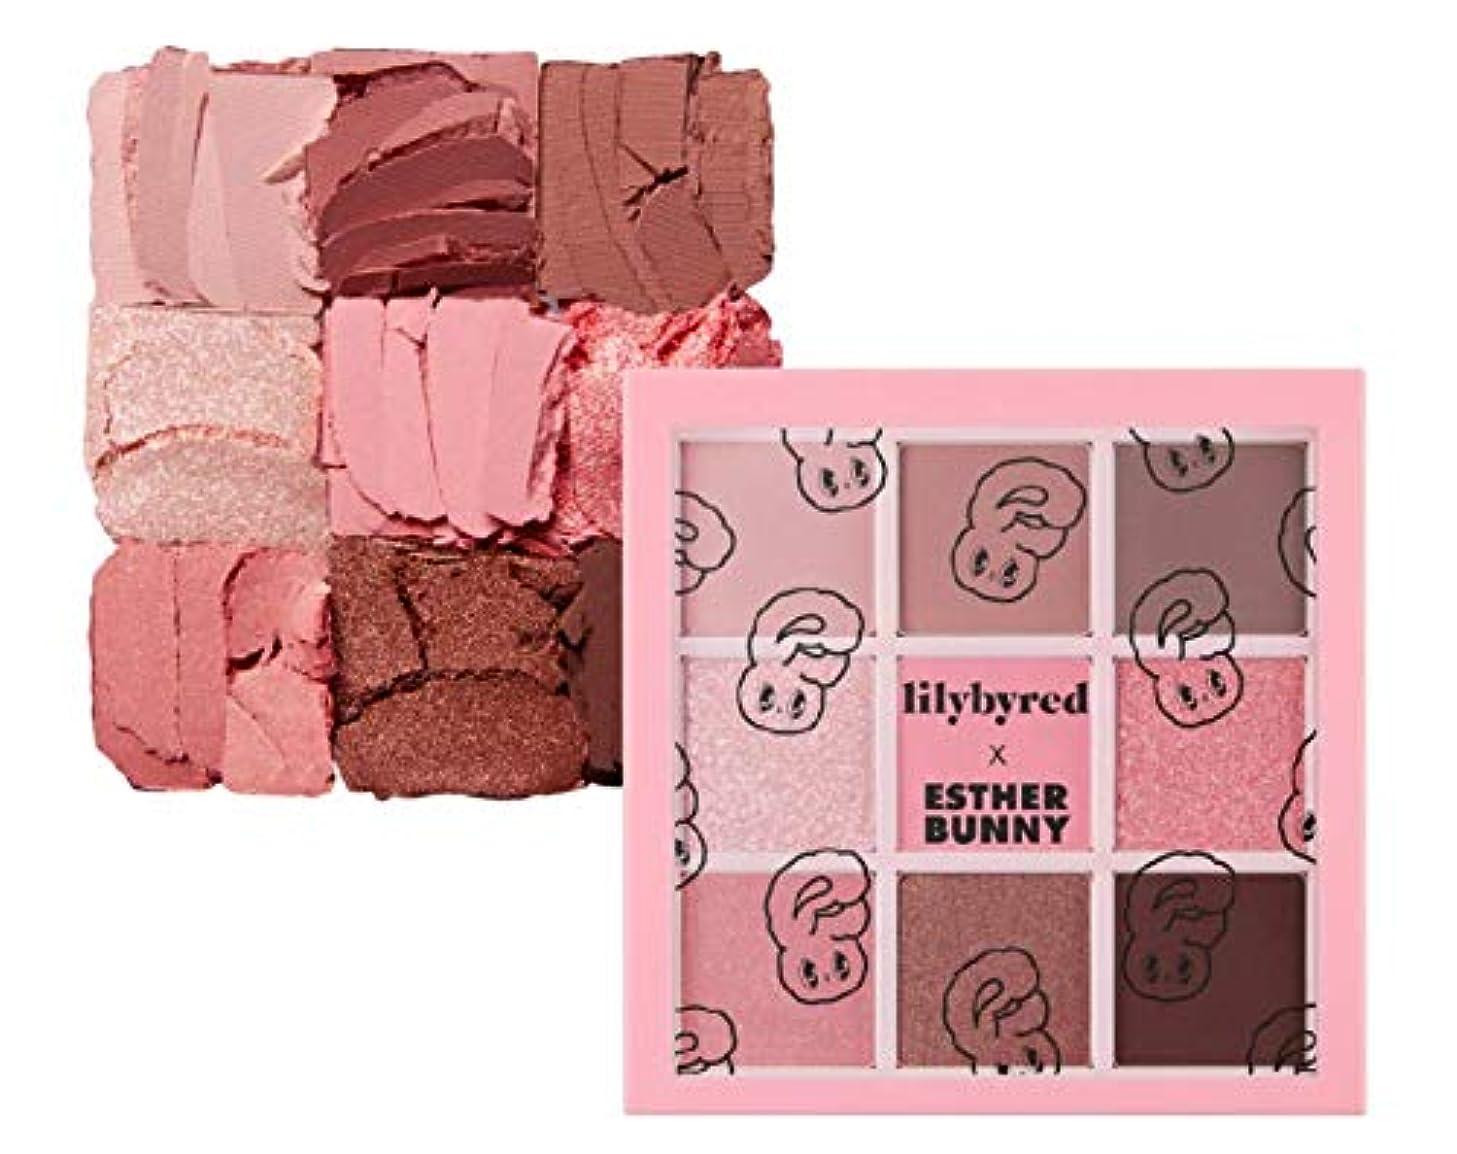 刃パーセントまもなくLILYBYRED [Esther Bunny Edition] ムードチートキット アイシャドウ パレット Mood Cheat Kit Eyeshadow Palette 02 Pink Sweets [並行輸入品]